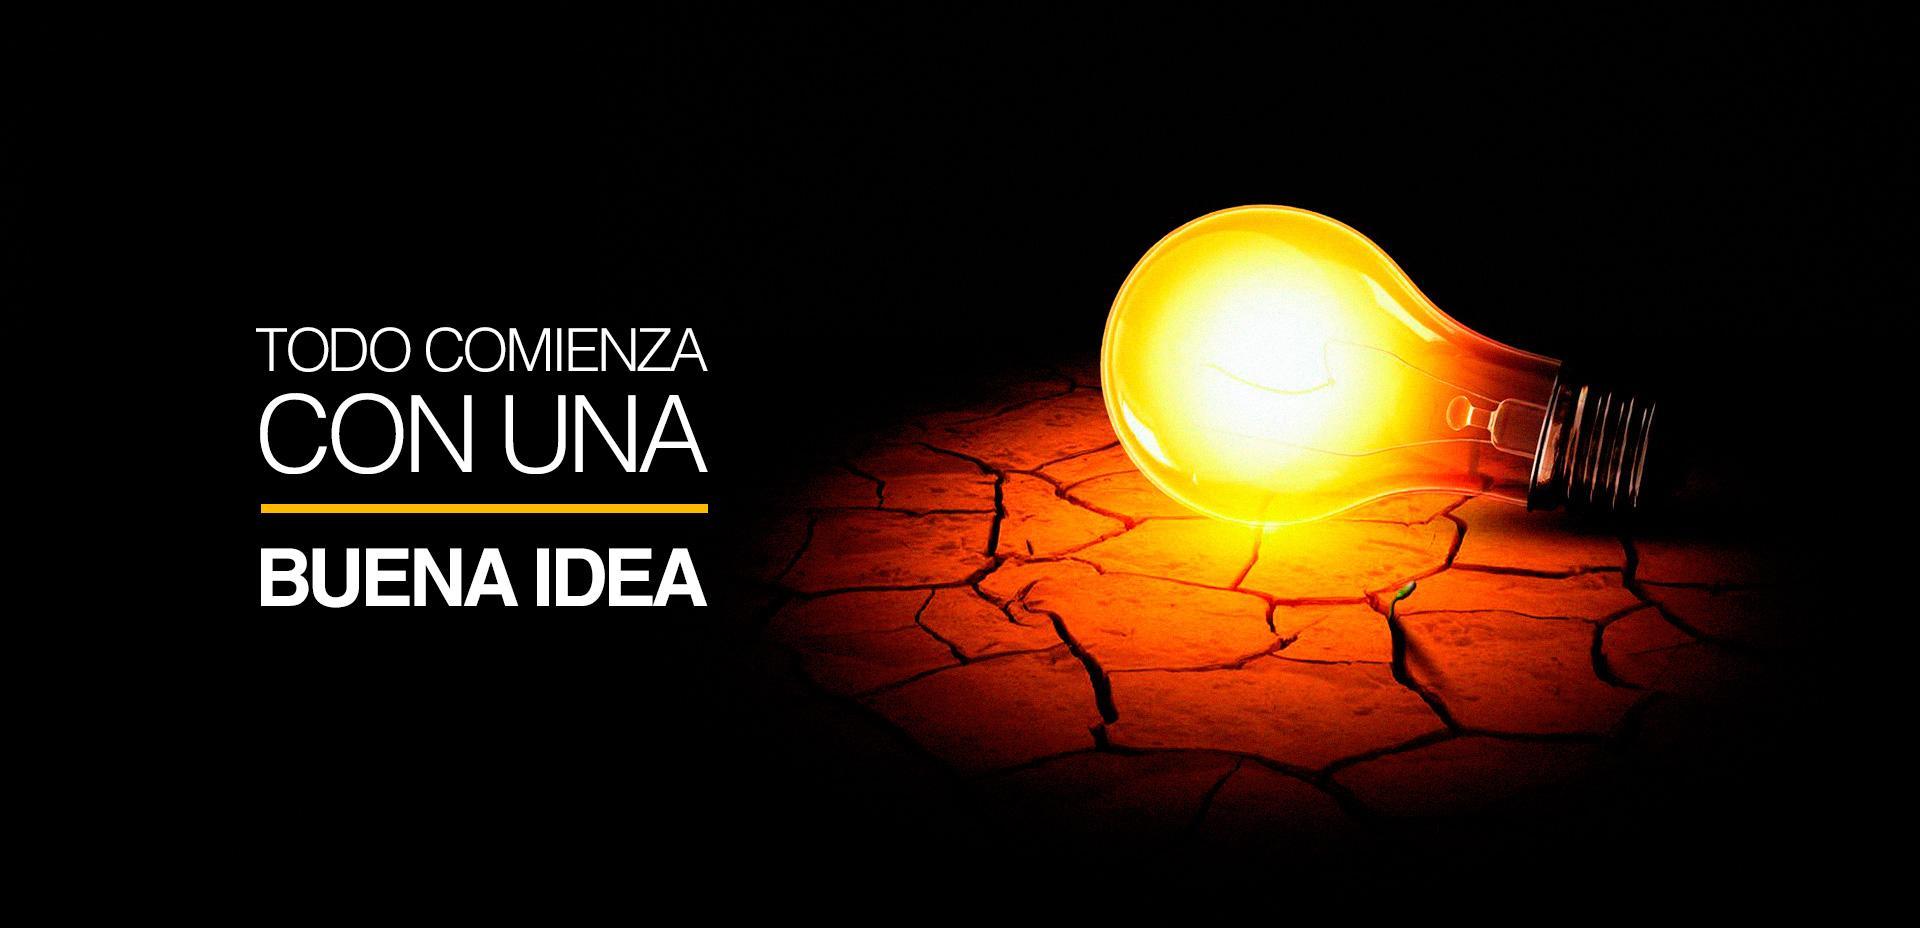 Todo comienza con una buena idea